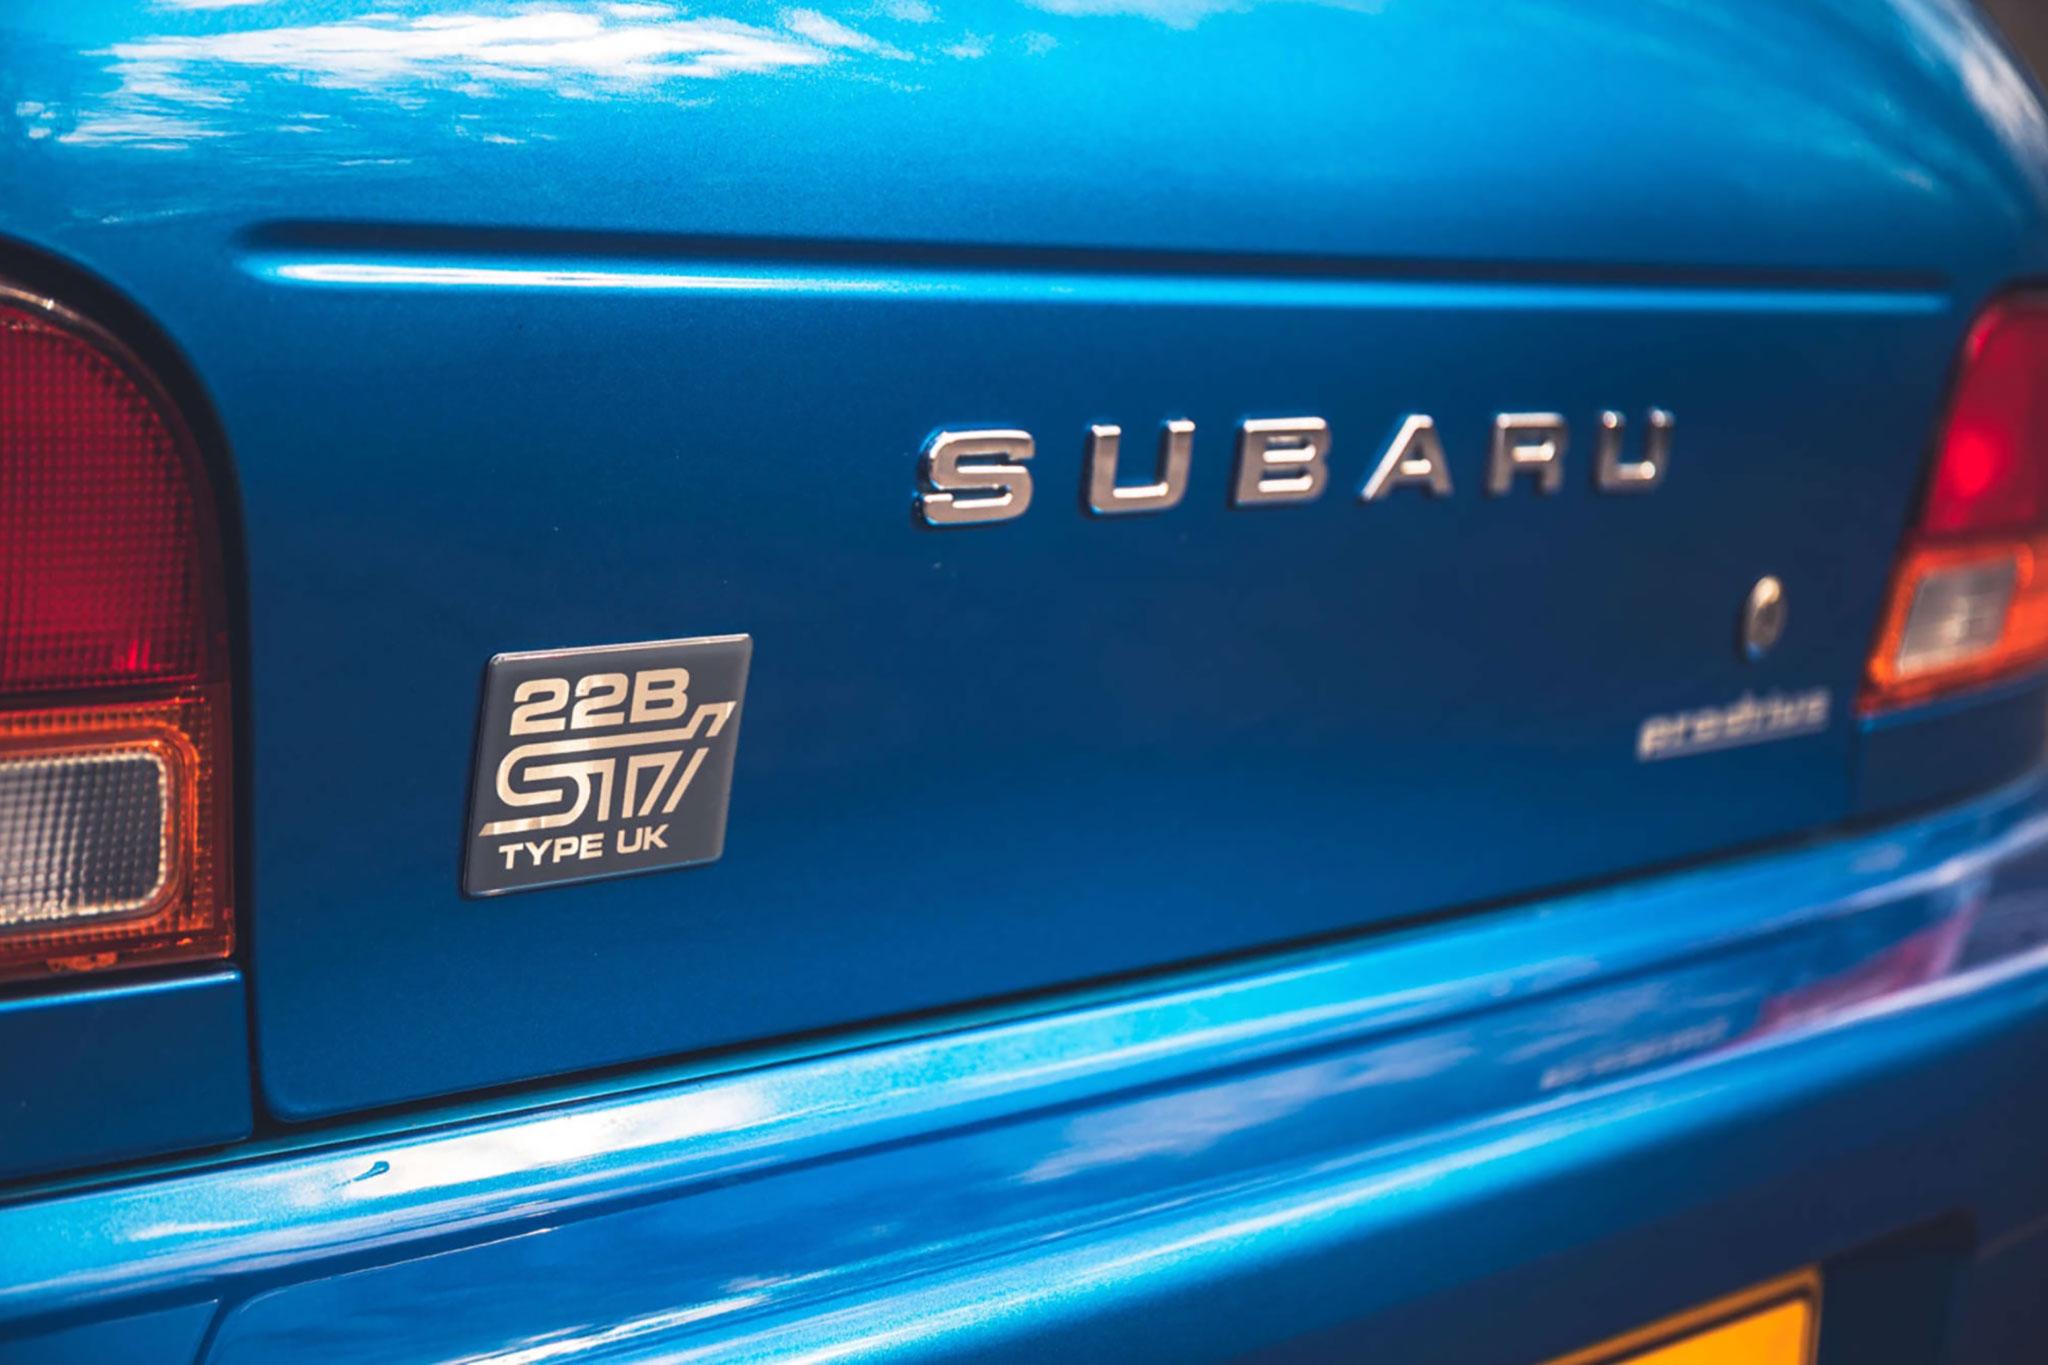 1999 Subaru 22B-STi Type UK autocollant spécifique pour le modèle Type UK.